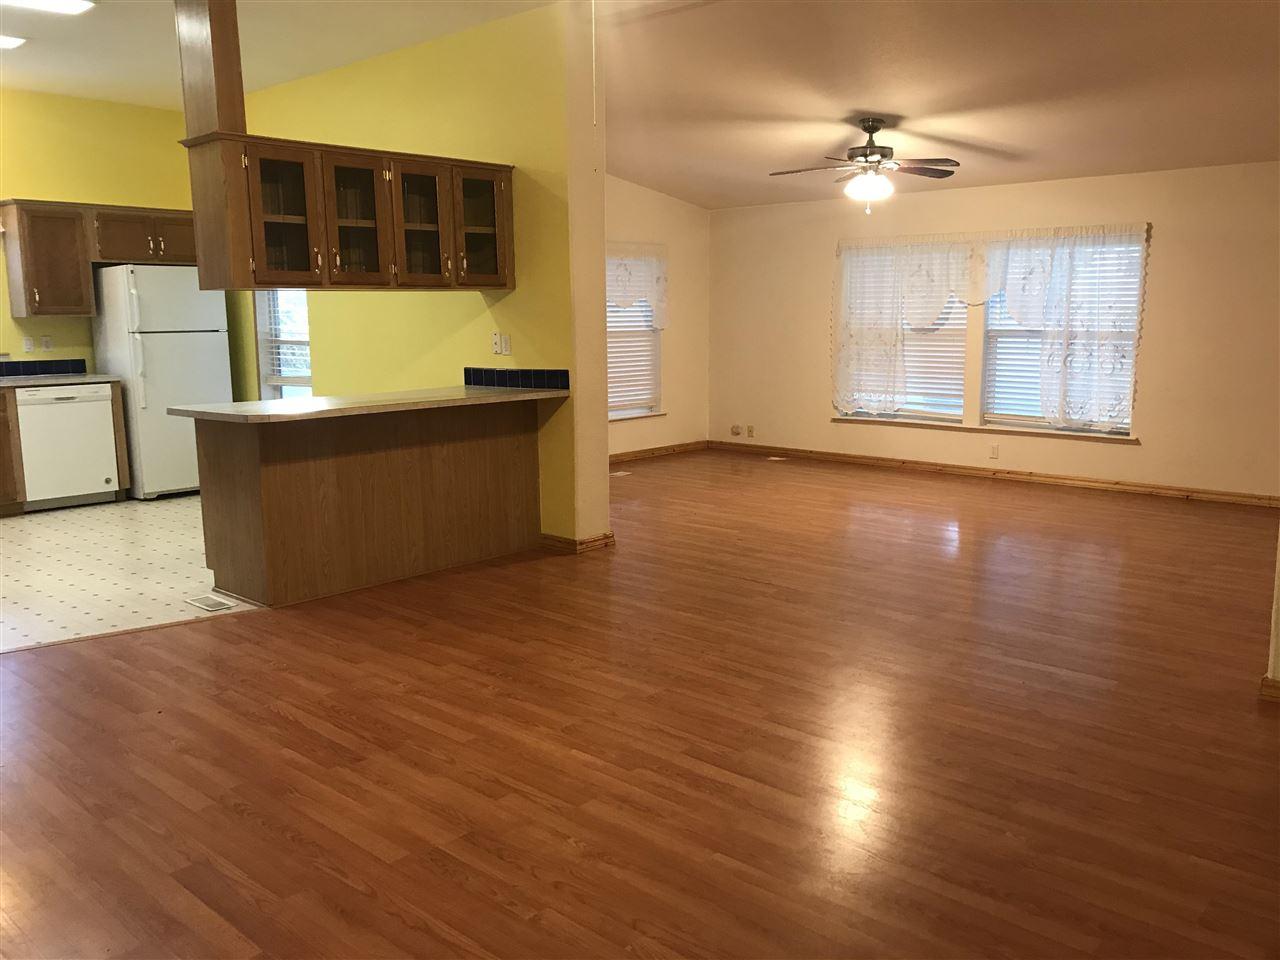 311 S 1st W Property Photo